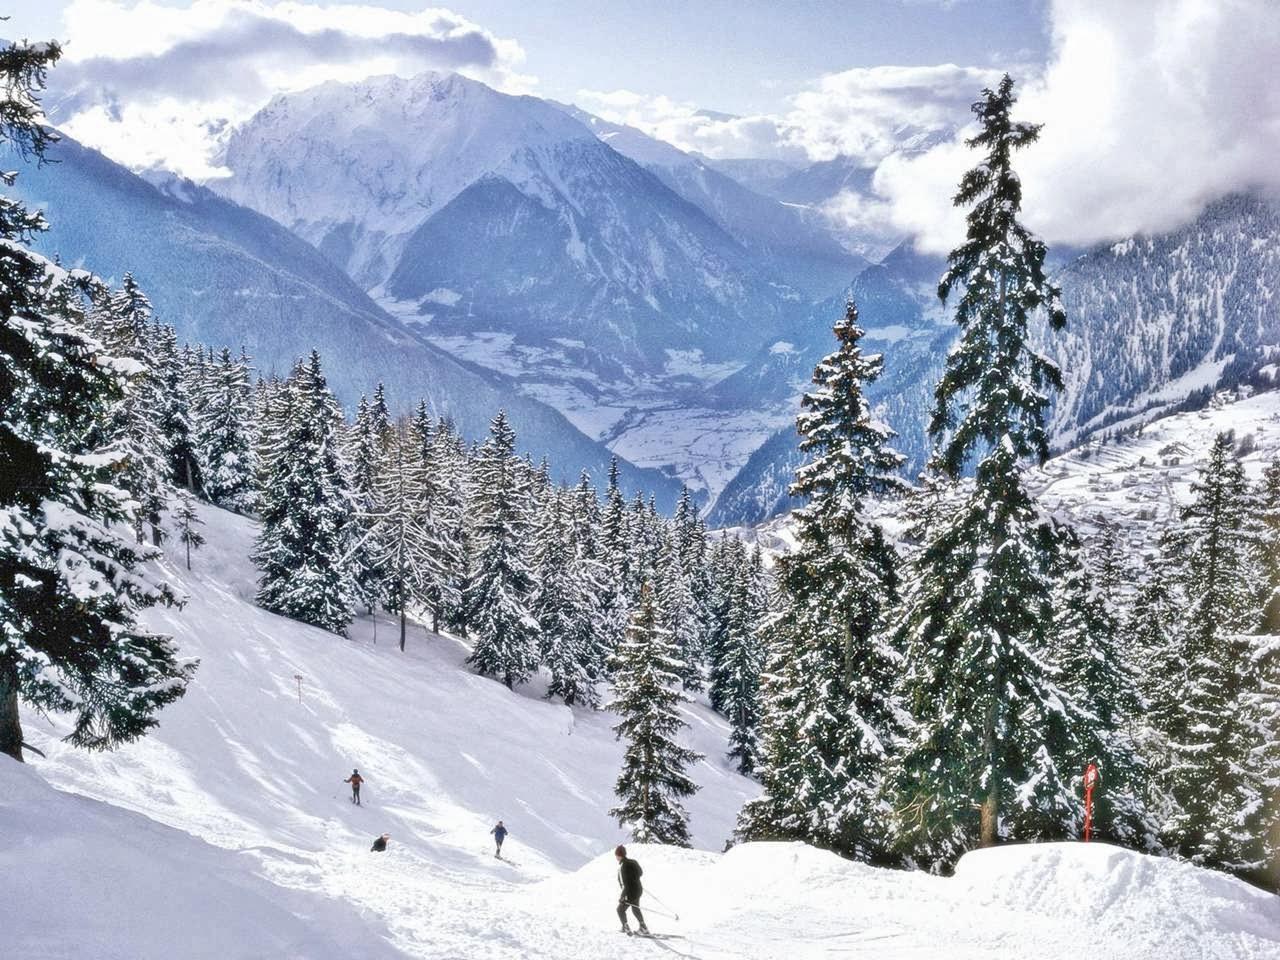 Hd skiing wallpaper wallpapersafari - Fever wallpaper hd ...